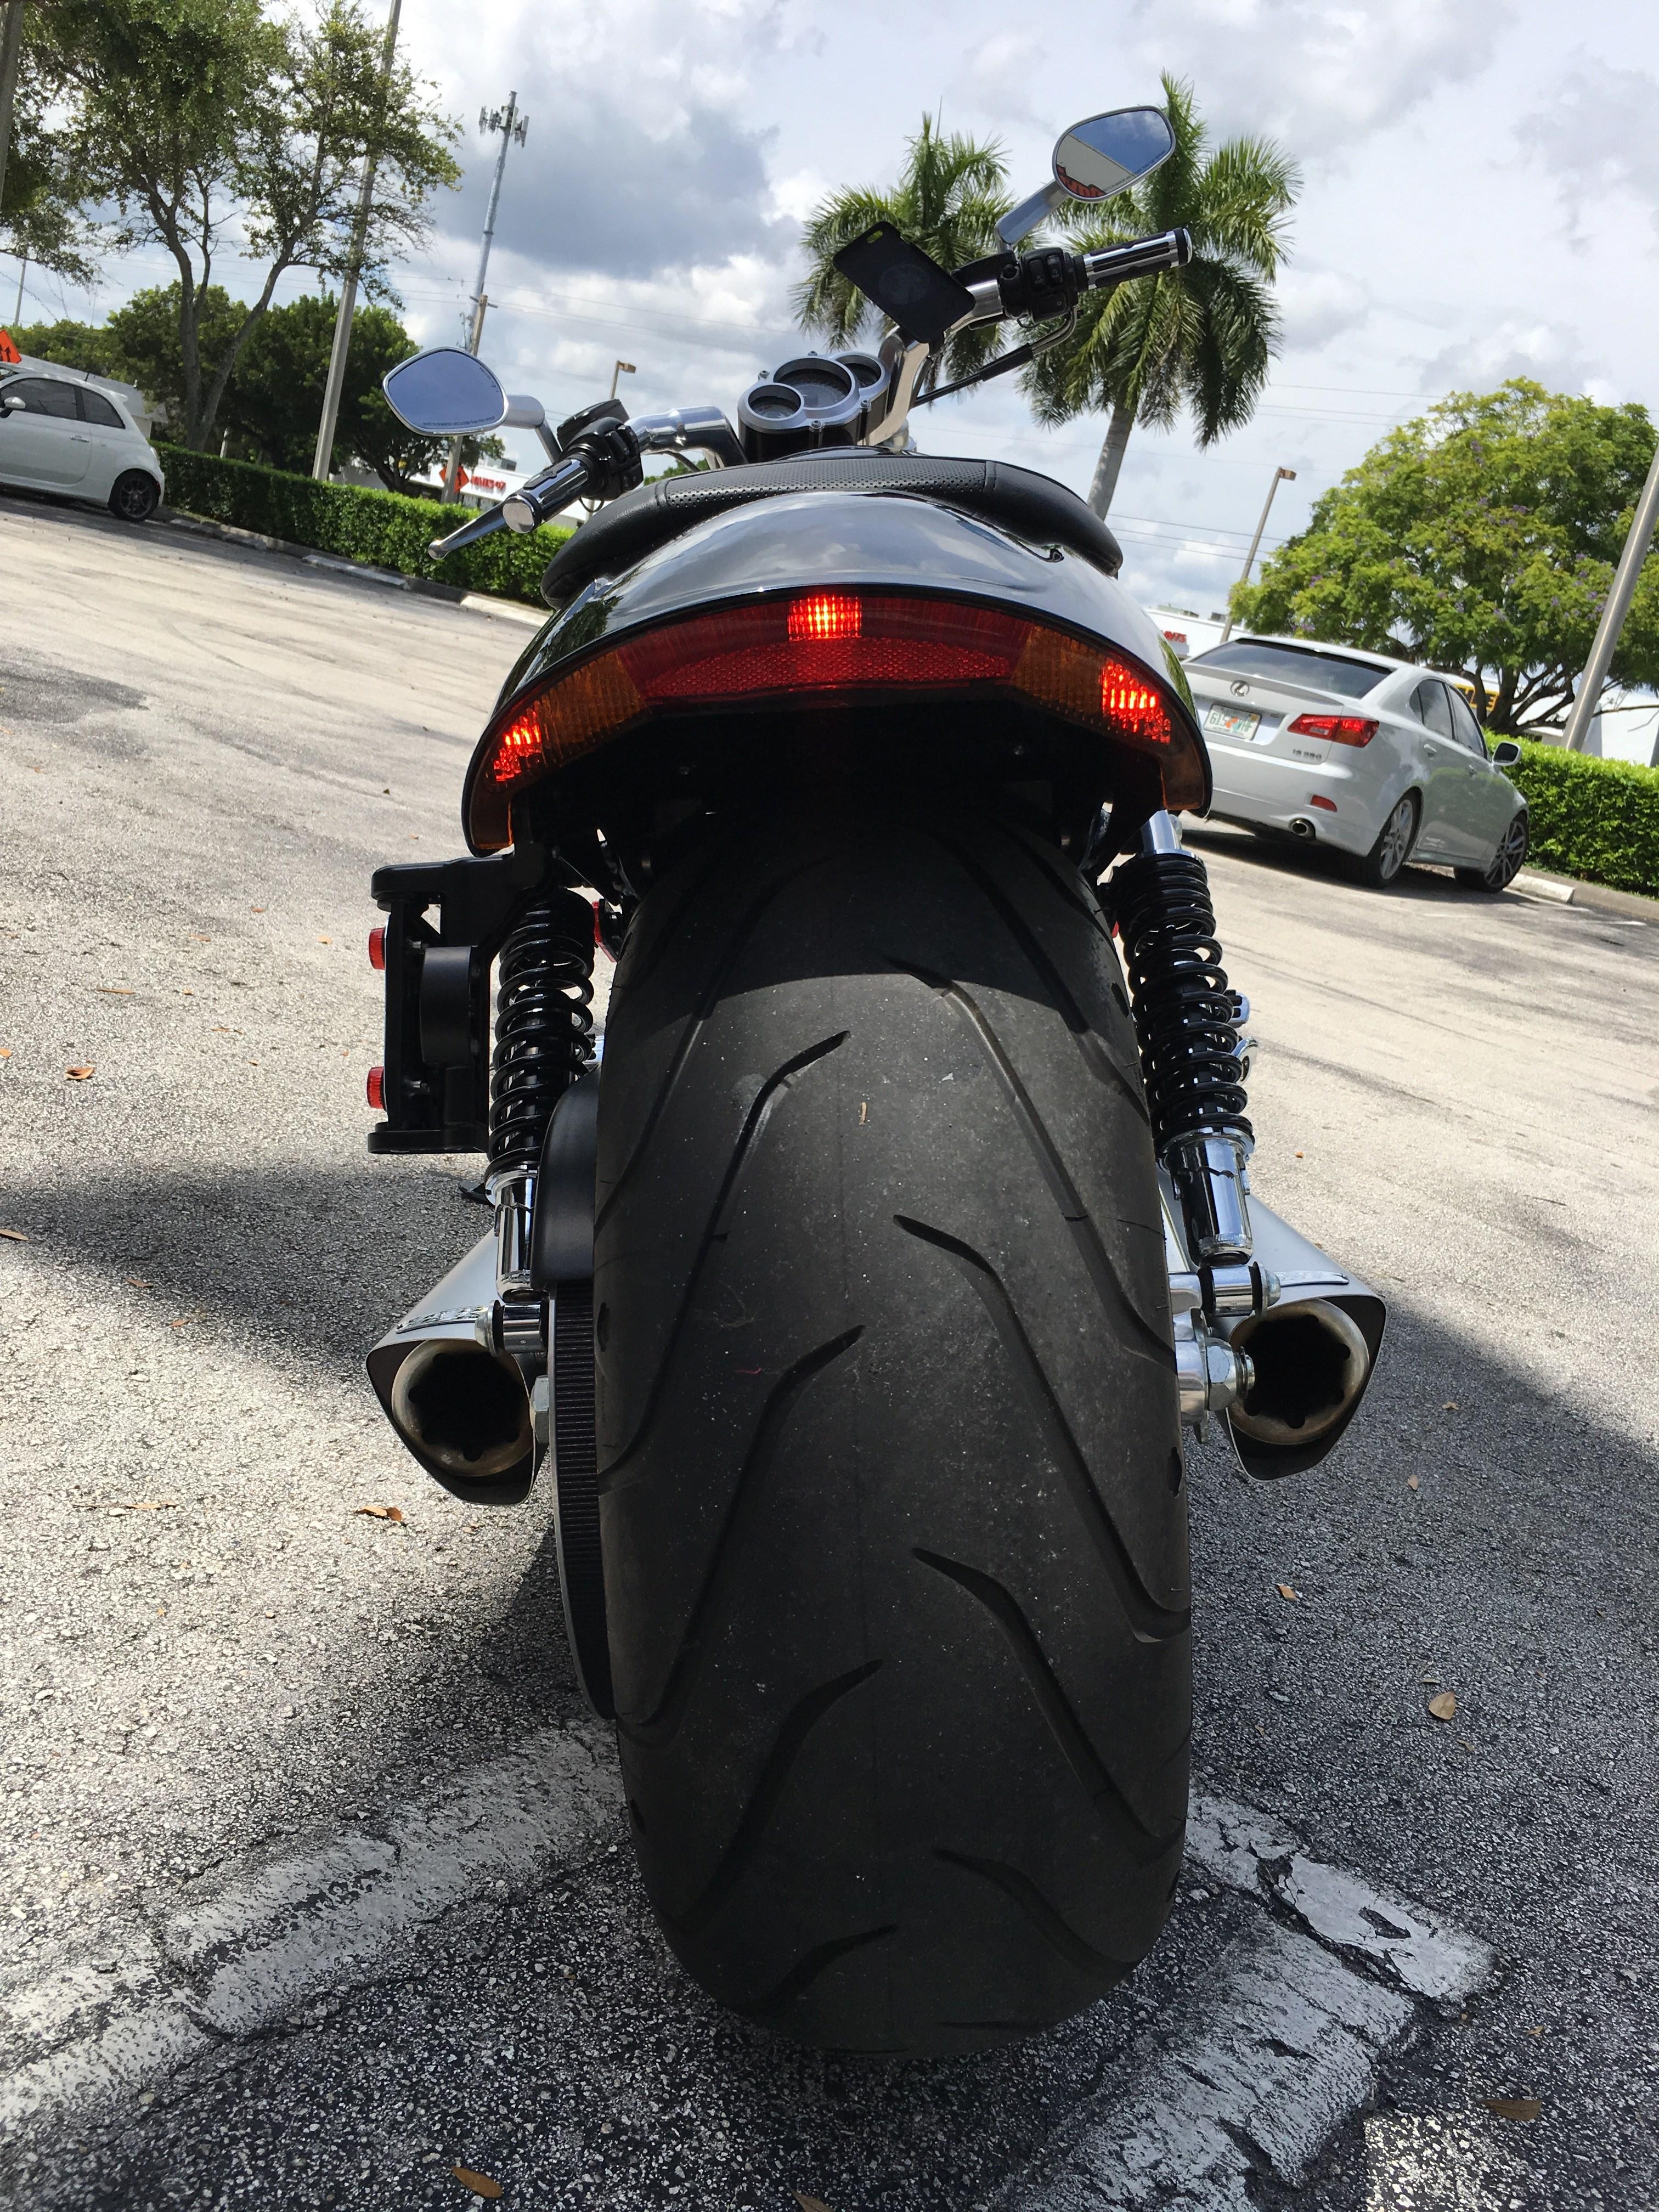 2017 V Rod Muscle For Sale Round Rock Tx >> 2015 Harley-Davidson® VRSCF V-Rod® Muscle (Black), Key Biscayne, Florida (729787) | ChopperExchange